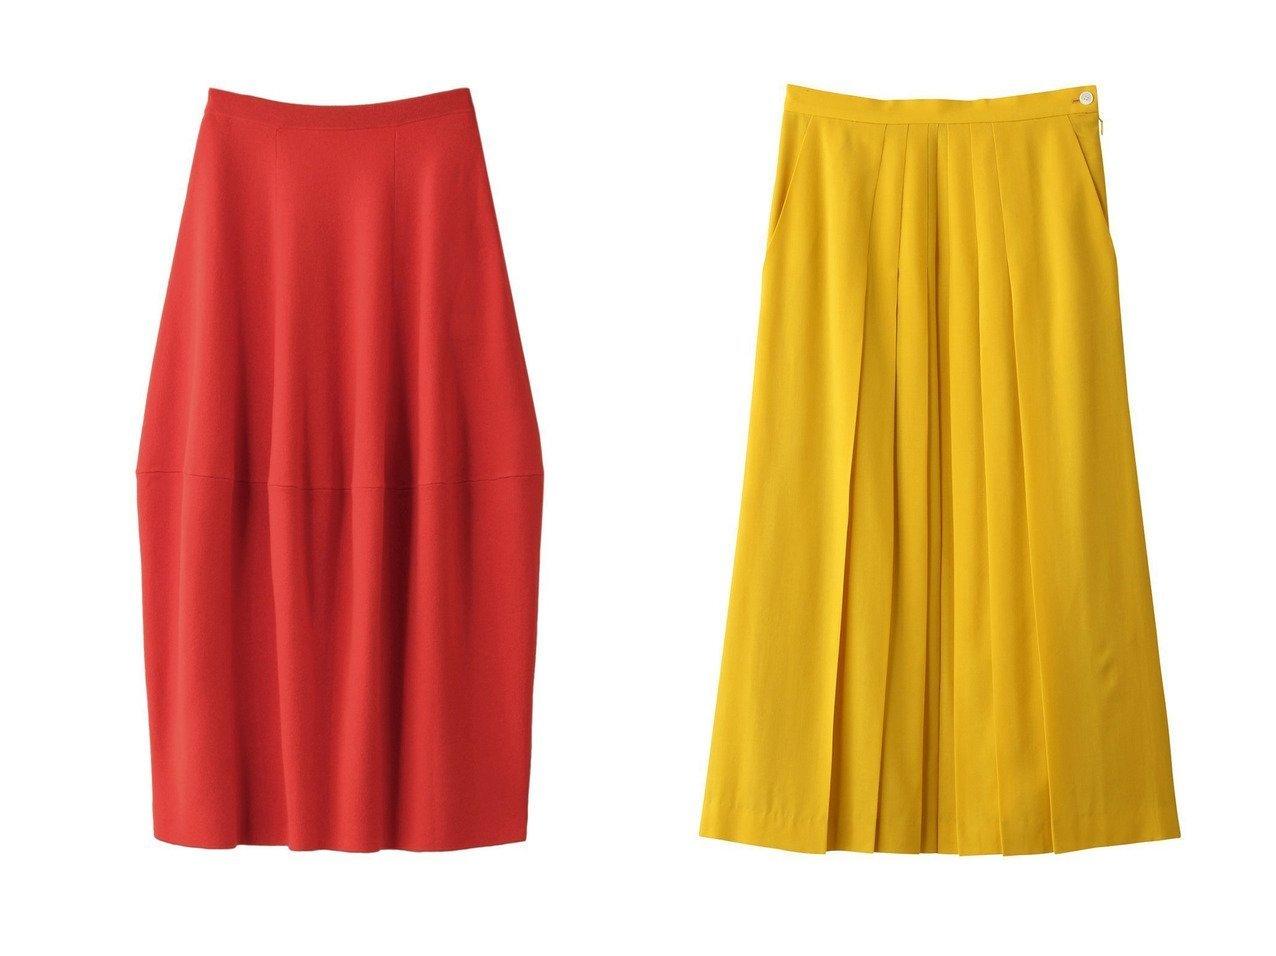 【ENFOLD/エンフォルド】のCASH TOUCH ニットコクーンスカート&【PLAIN PEOPLE/プレインピープル】のウールタックプリーツスカート スカートのおすすめ!人気、レディースファッションの通販 おすすめで人気のファッション通販商品 インテリア・家具・キッズファッション・メンズファッション・レディースファッション・服の通販 founy(ファニー) https://founy.com/ ファッション Fashion レディース WOMEN スカート Skirt ロングスカート Long Skirt プリーツスカート Pleated Skirts シンプル セットアップ ロング |ID:crp329100000000061